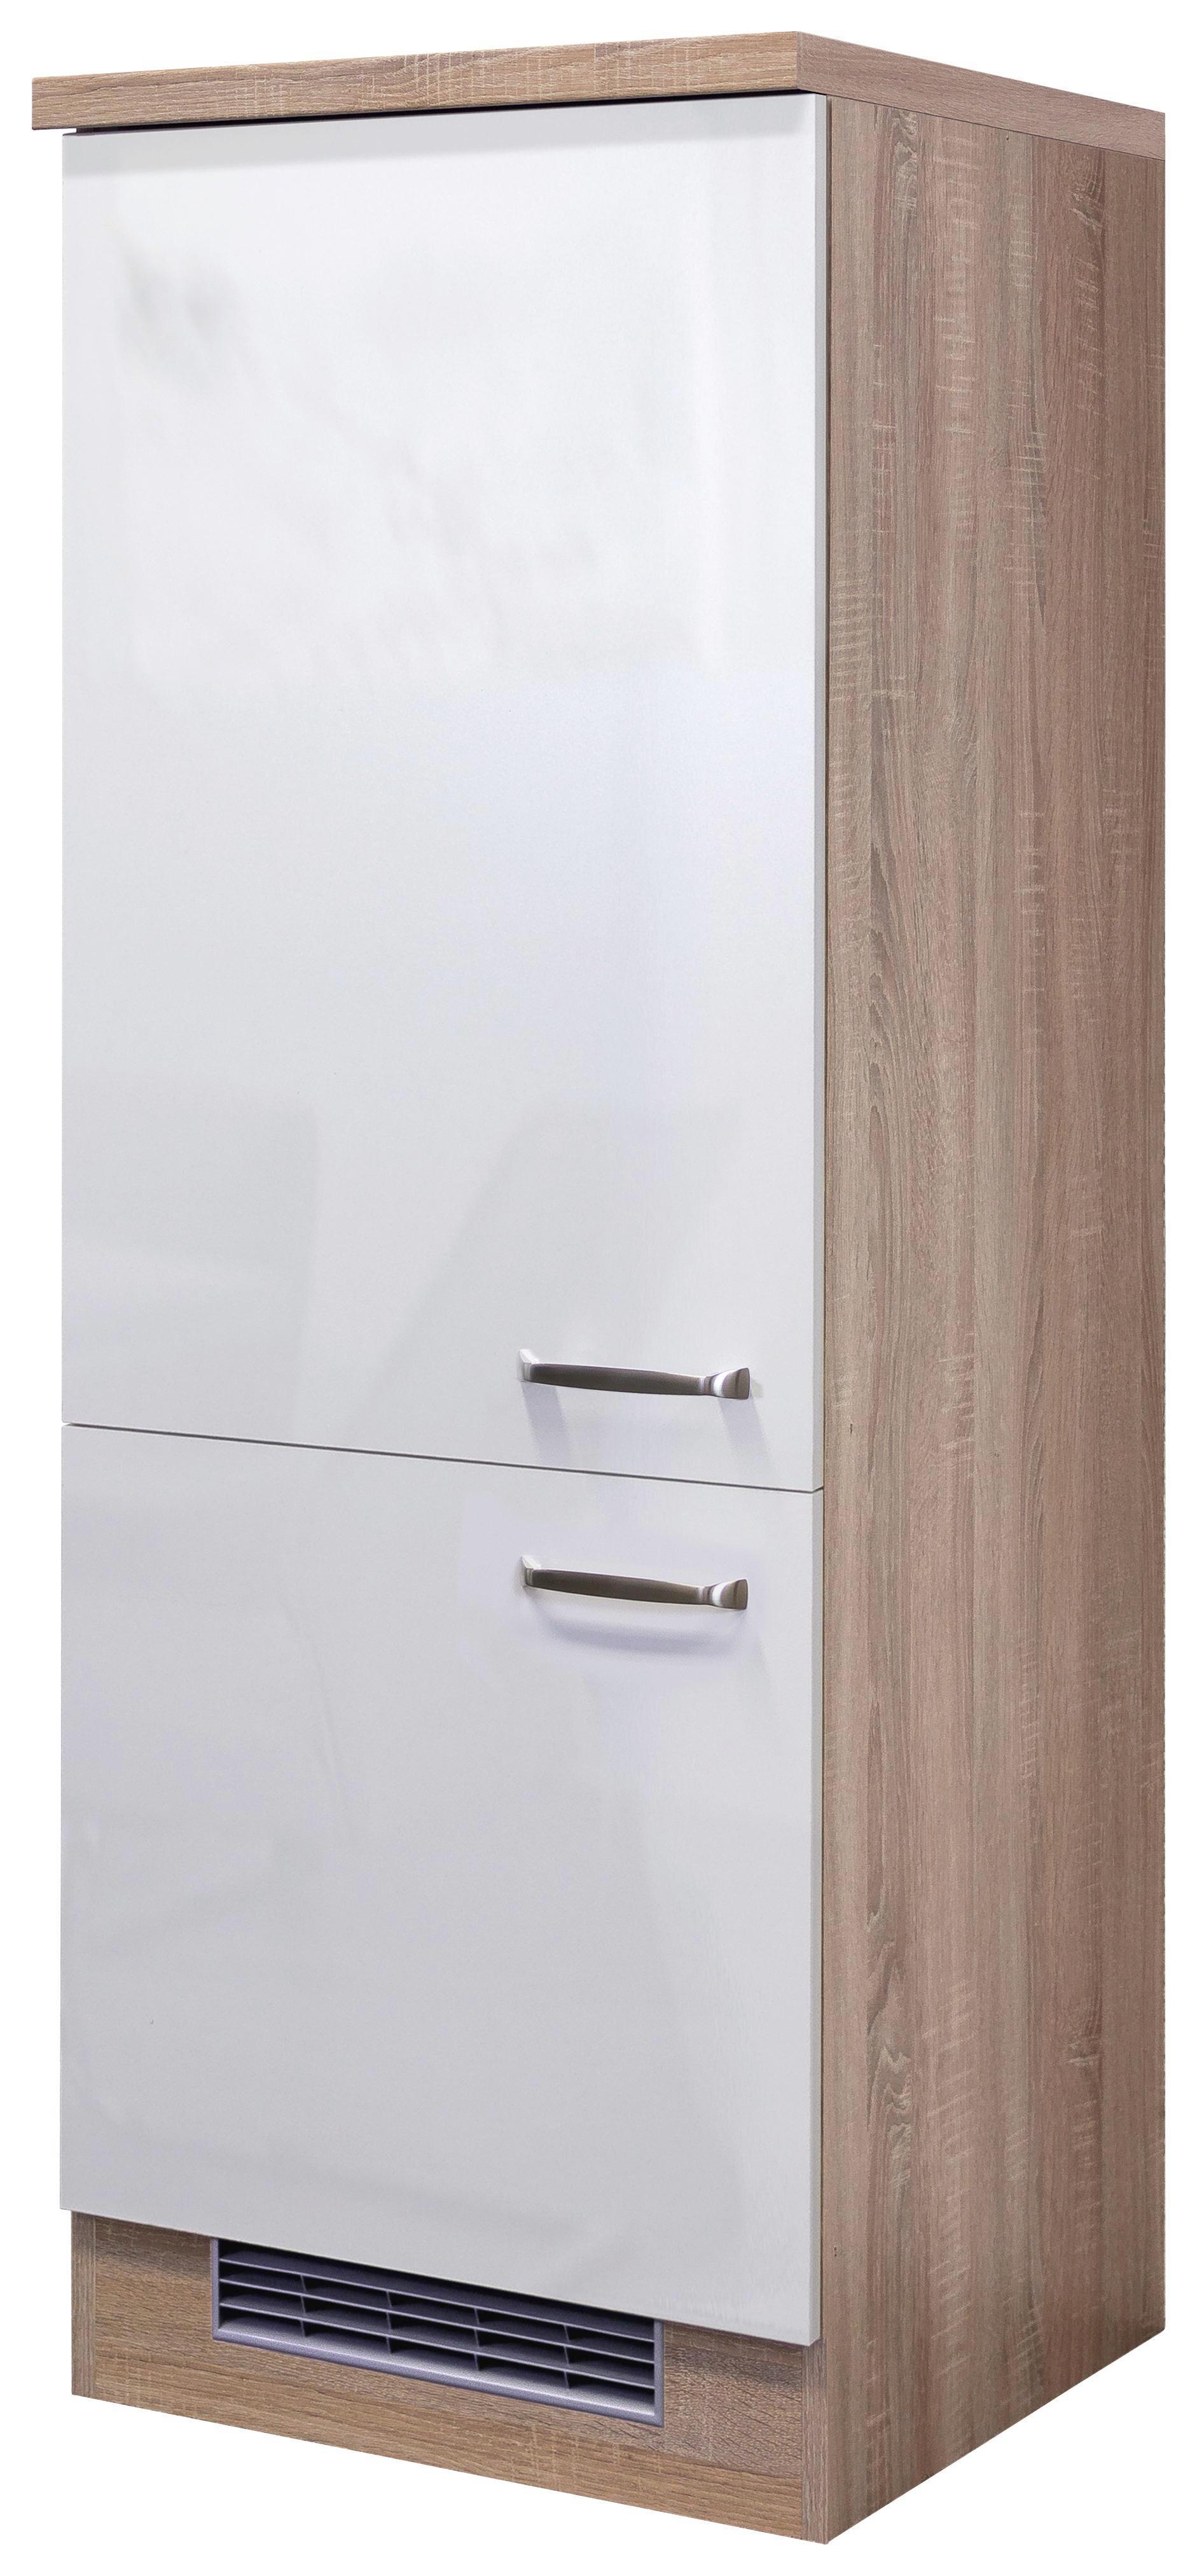 Geräteumbauschrank Weiß Hochglanz/eiche - Edelstahlfarben/Eichefarben, MODERN, Holzwerkstoff/Metall (60/162/57cm)